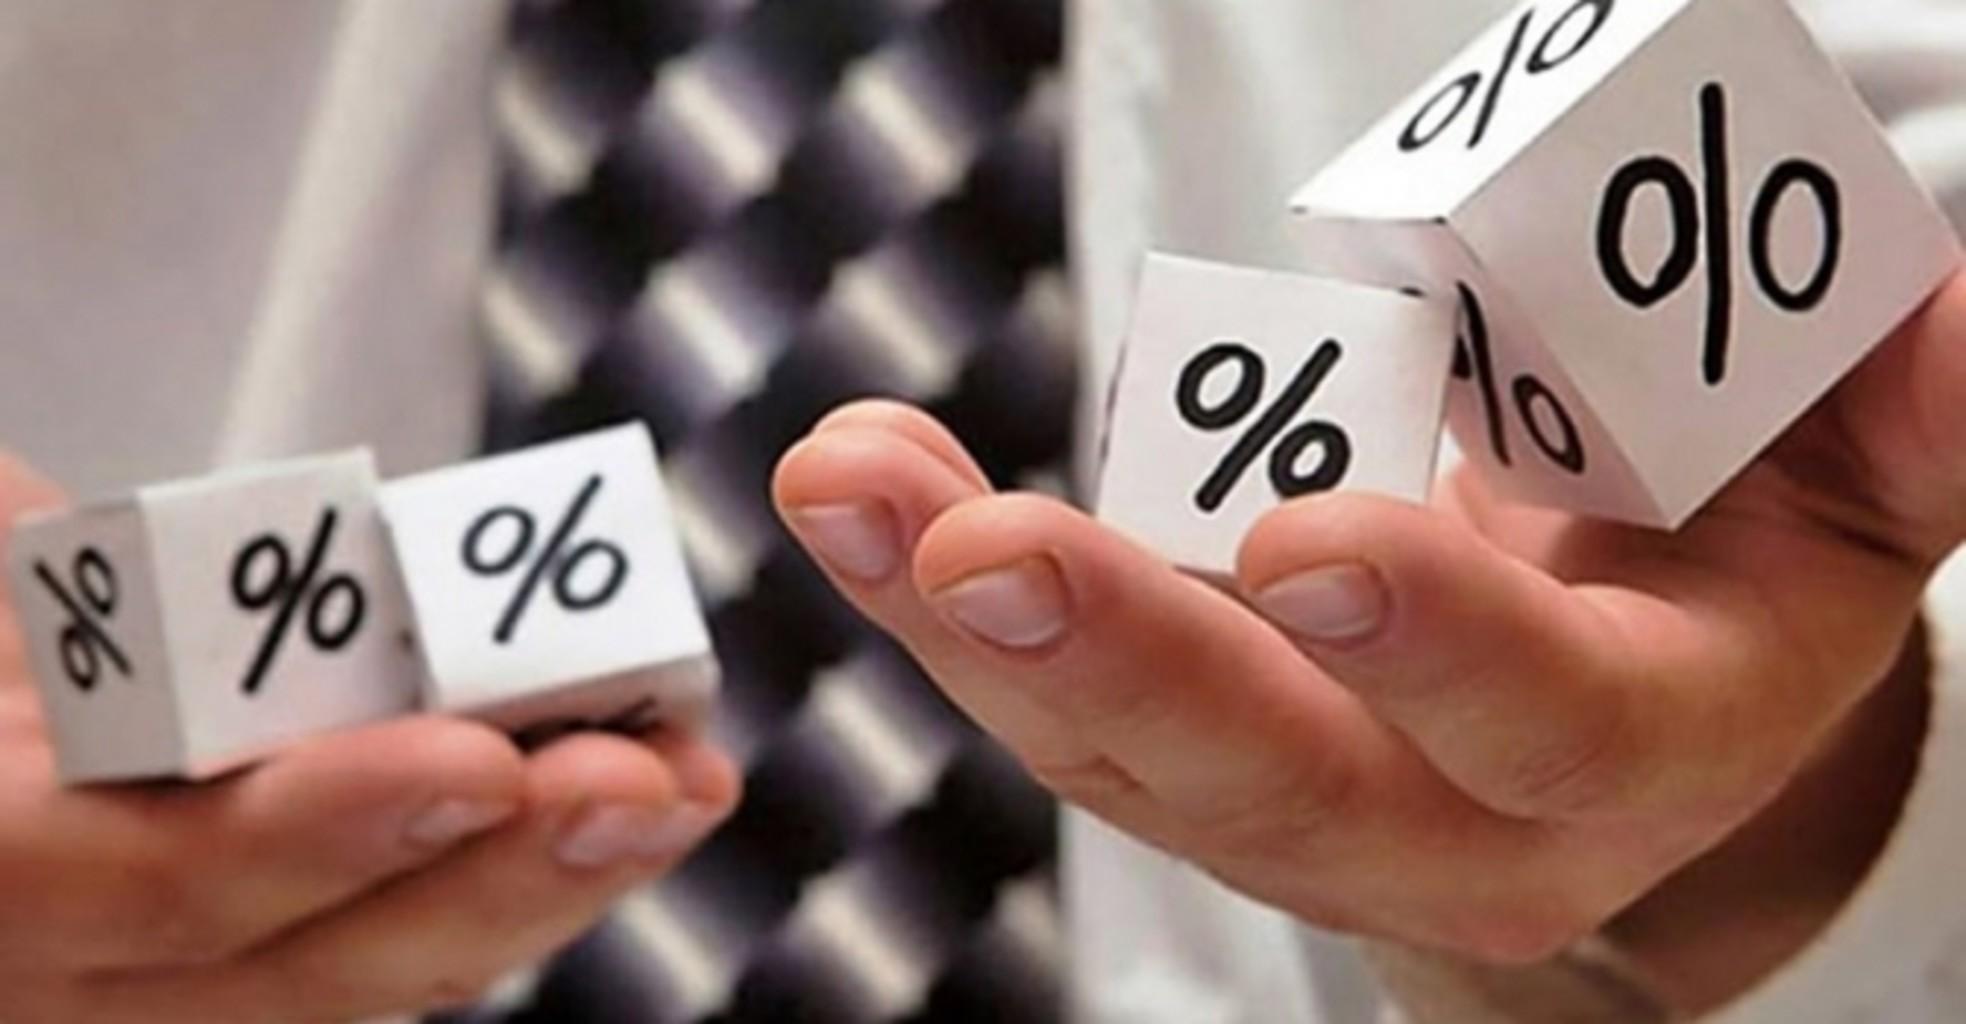 проценты по займам и ссудам